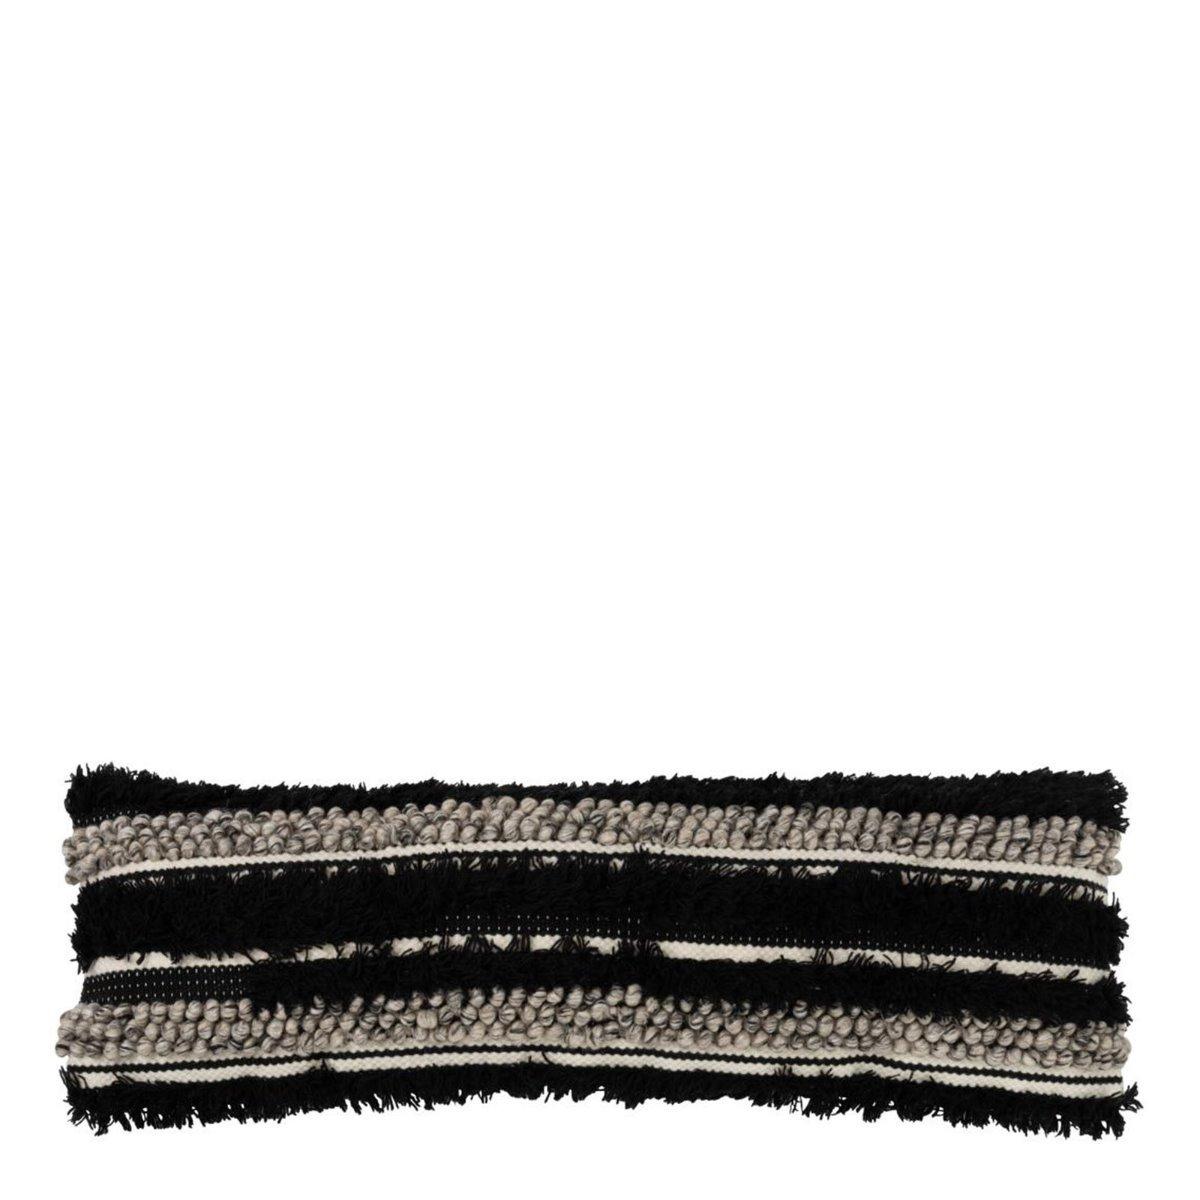 J-Line kussen fluffy wol zwart wit 8 x 100 x 31